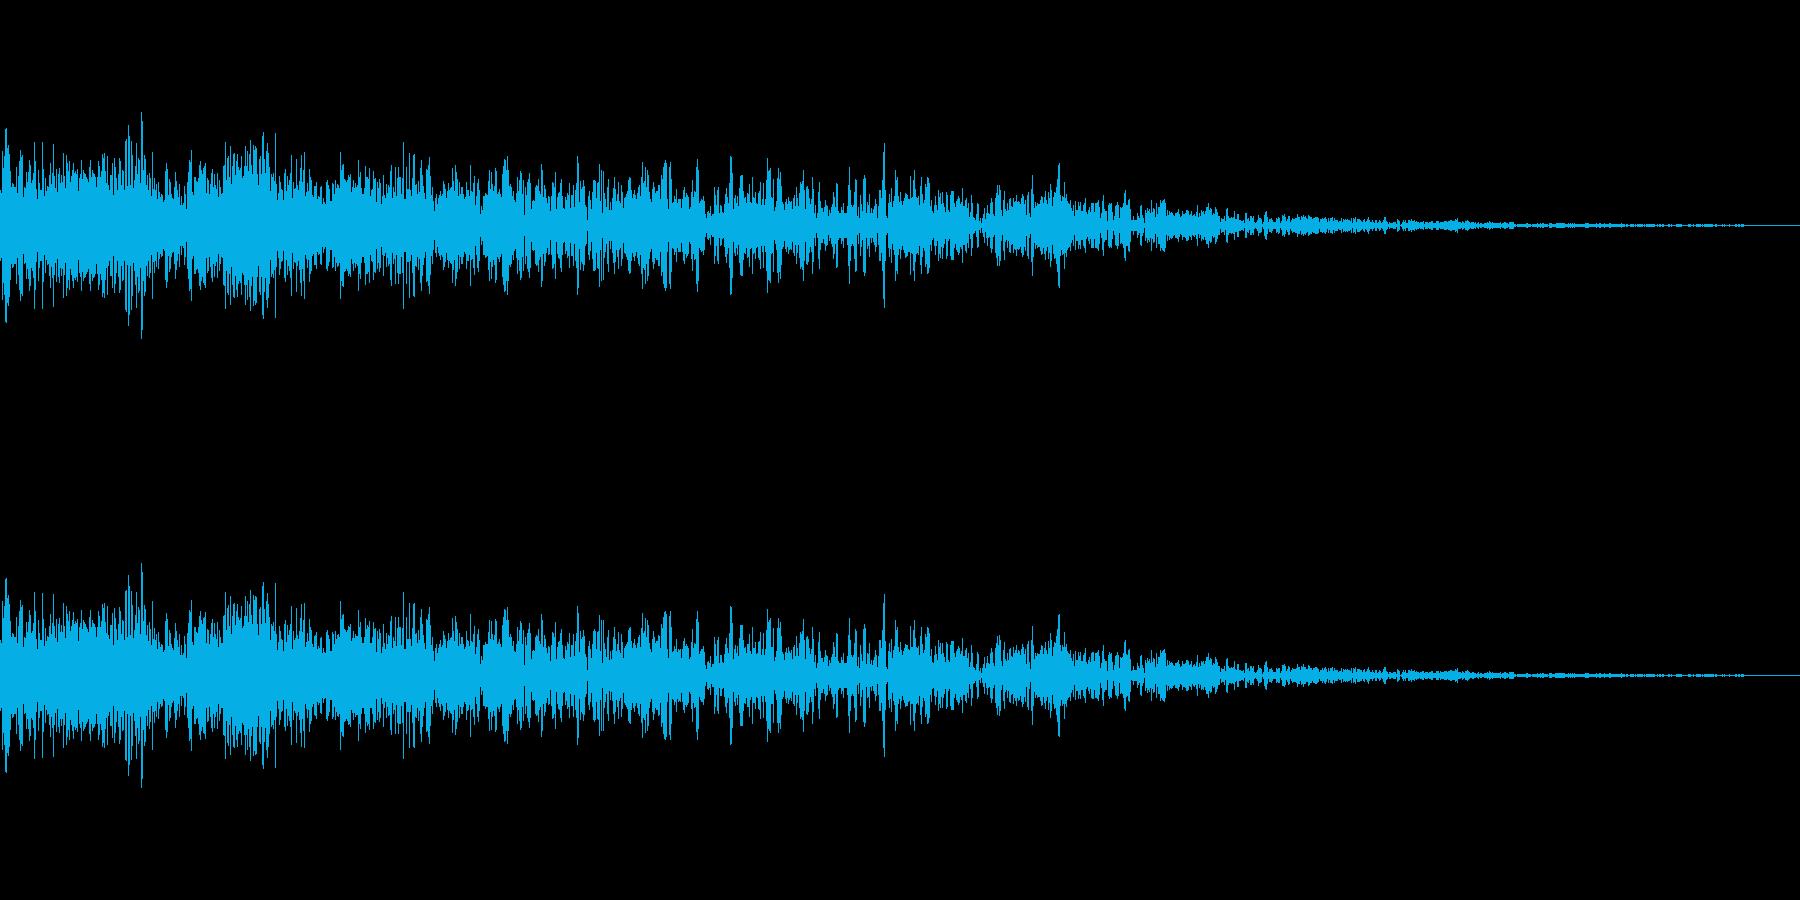 [ピロピロ]キャラ死亡・ミス(8bit)の再生済みの波形